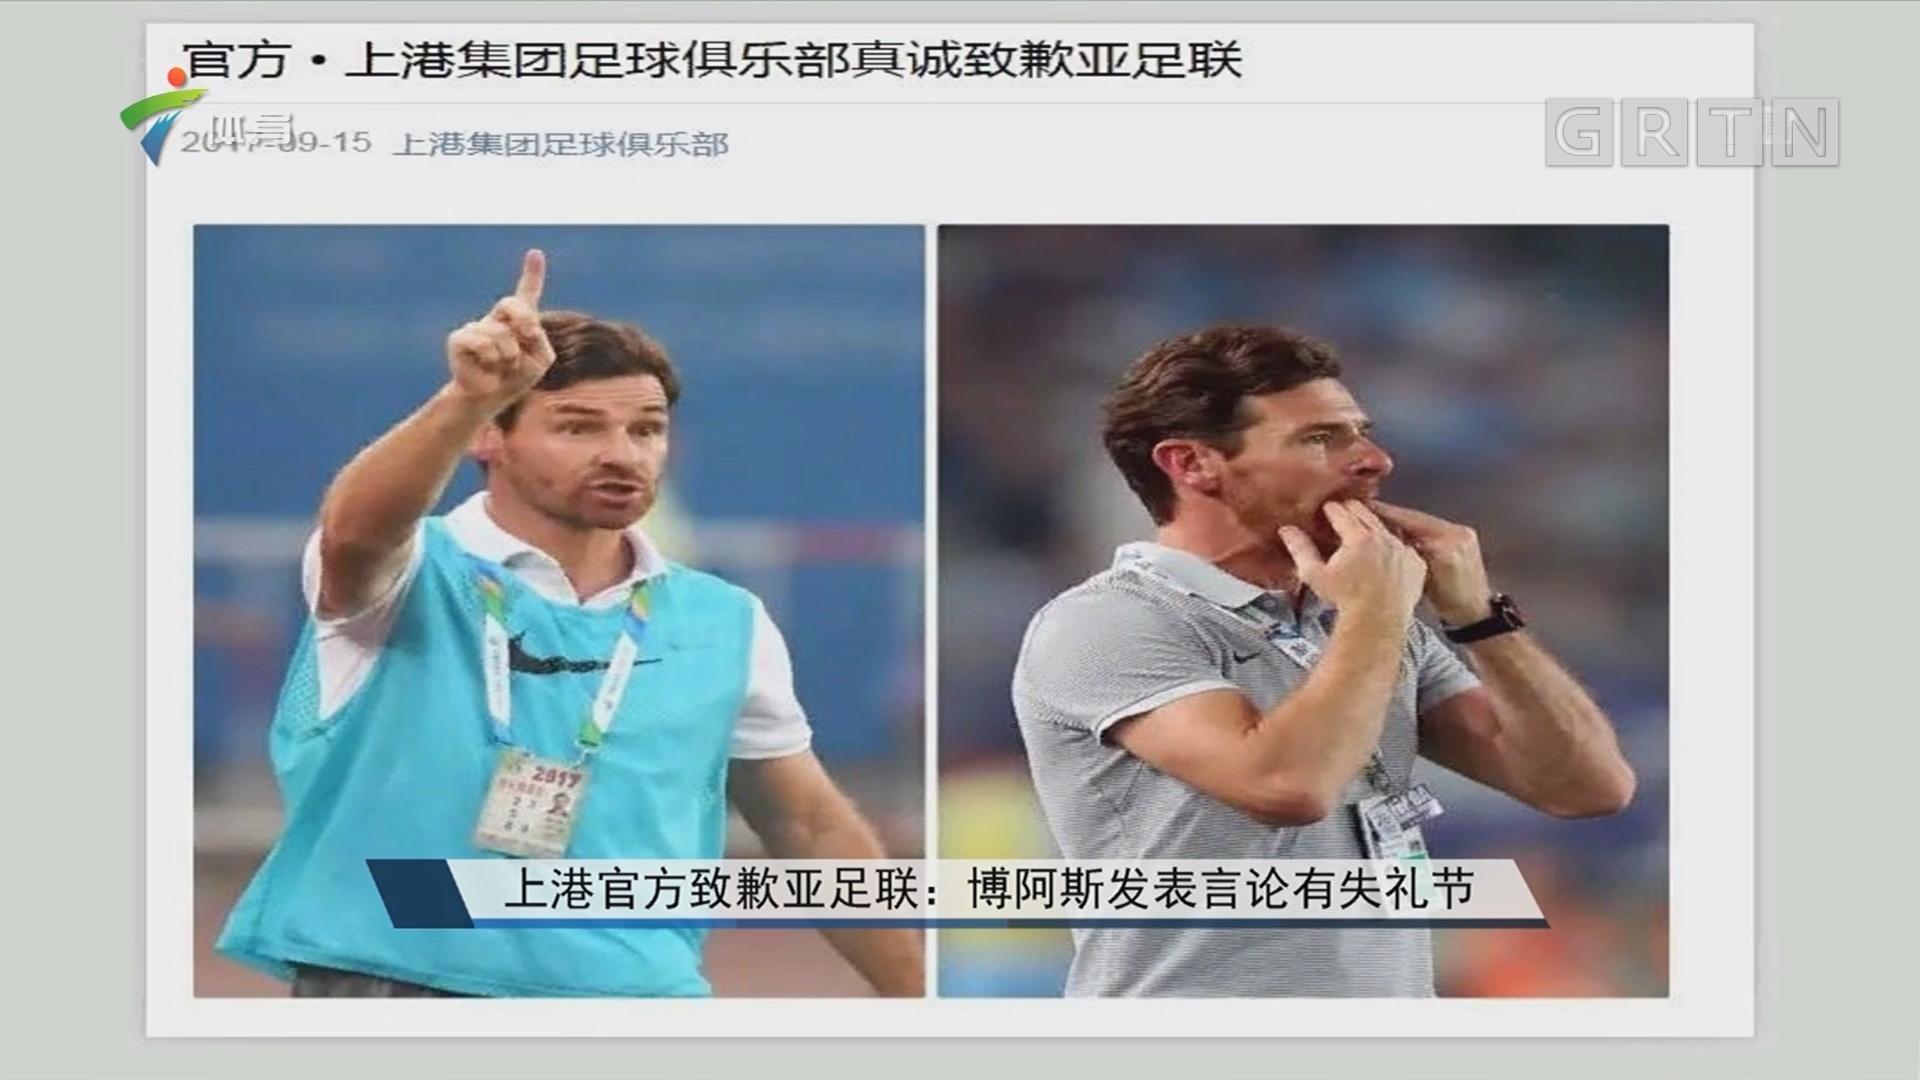 上港官方致歉亚足联:博阿斯发表言论有失礼节